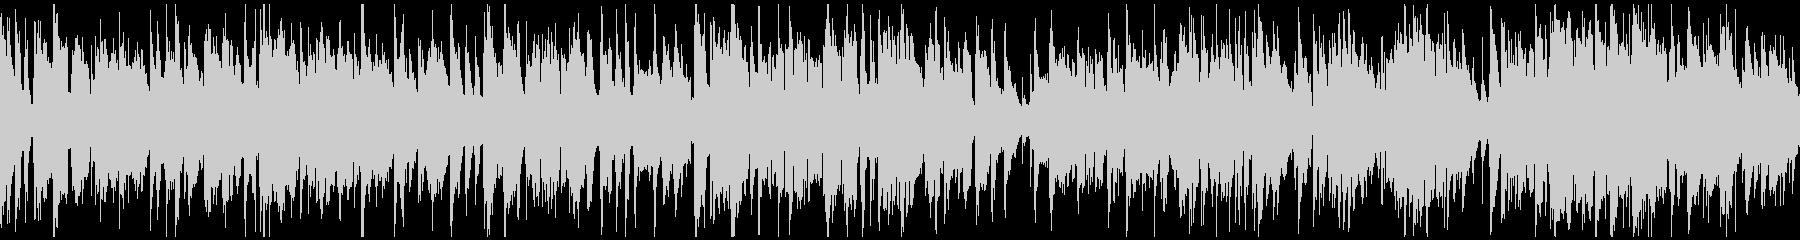 カジノっぽい明るい管楽器ジャズ※ループ版の未再生の波形